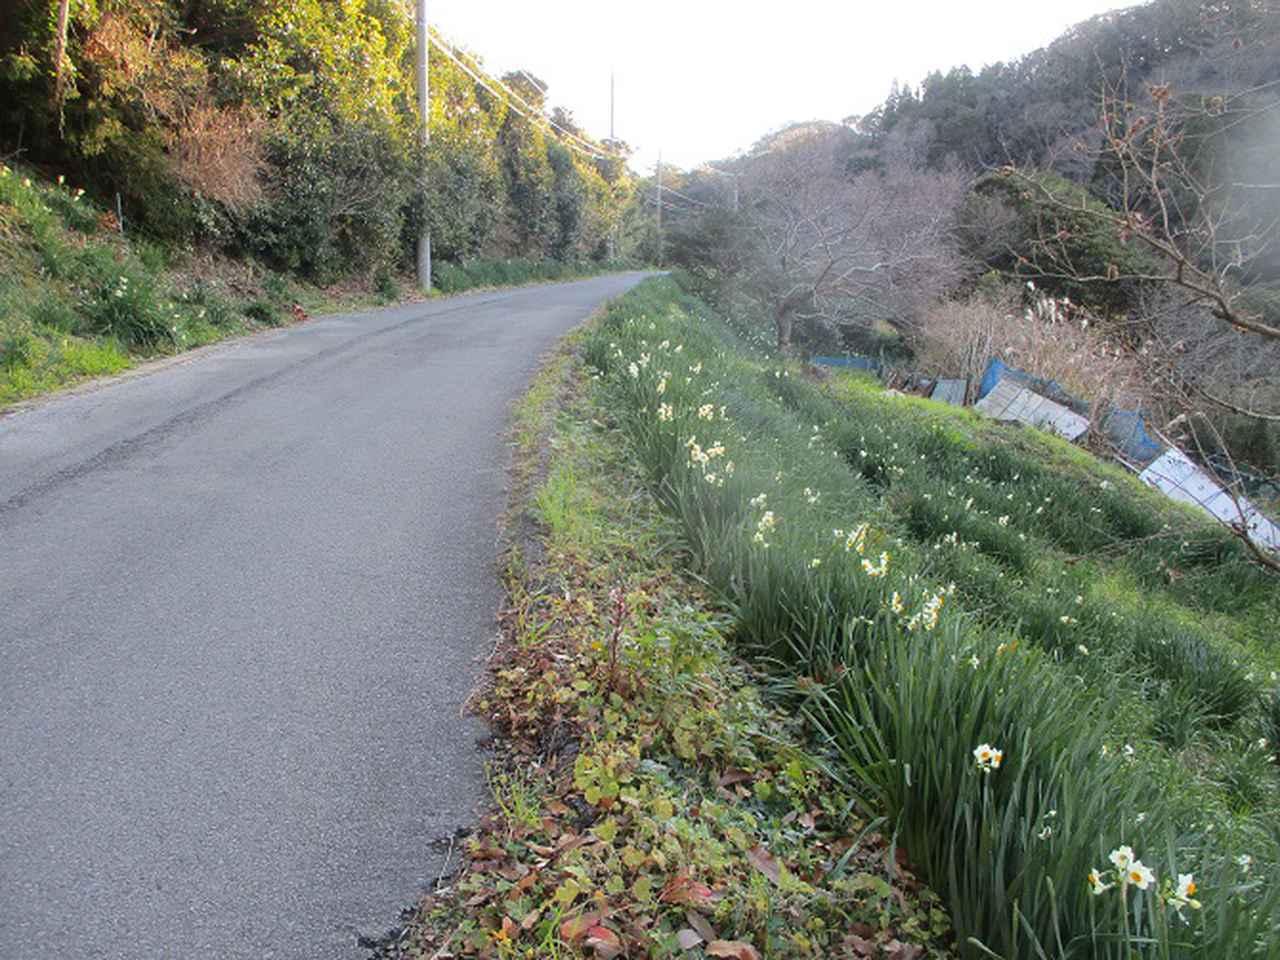 画像3: 1月の山旅会 「をくずれから津森山」 ツアーの下見に行ってきました!